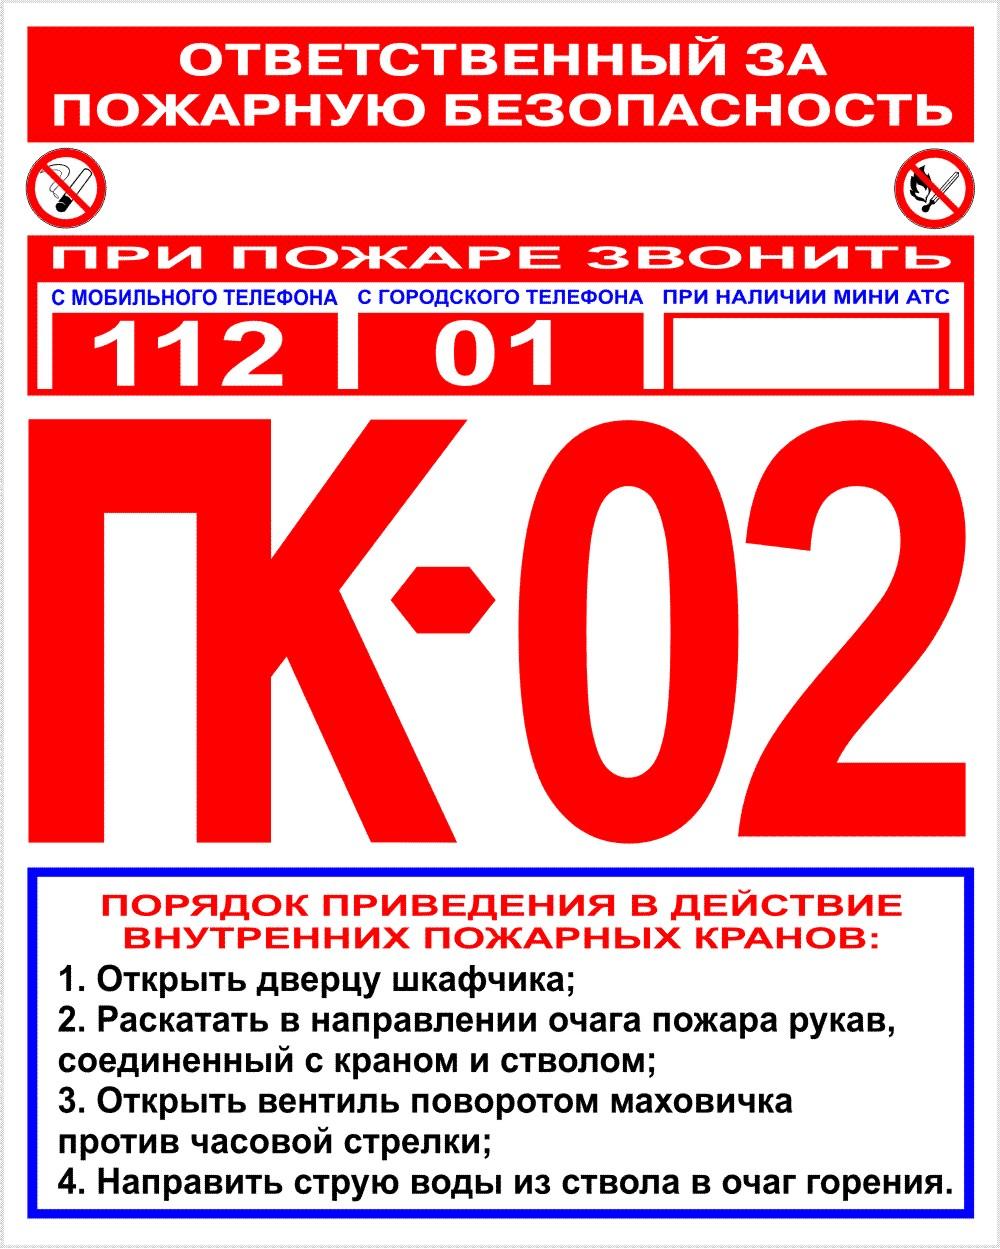 Скачать инструкцию по пожарной безопасности в электрощитовой